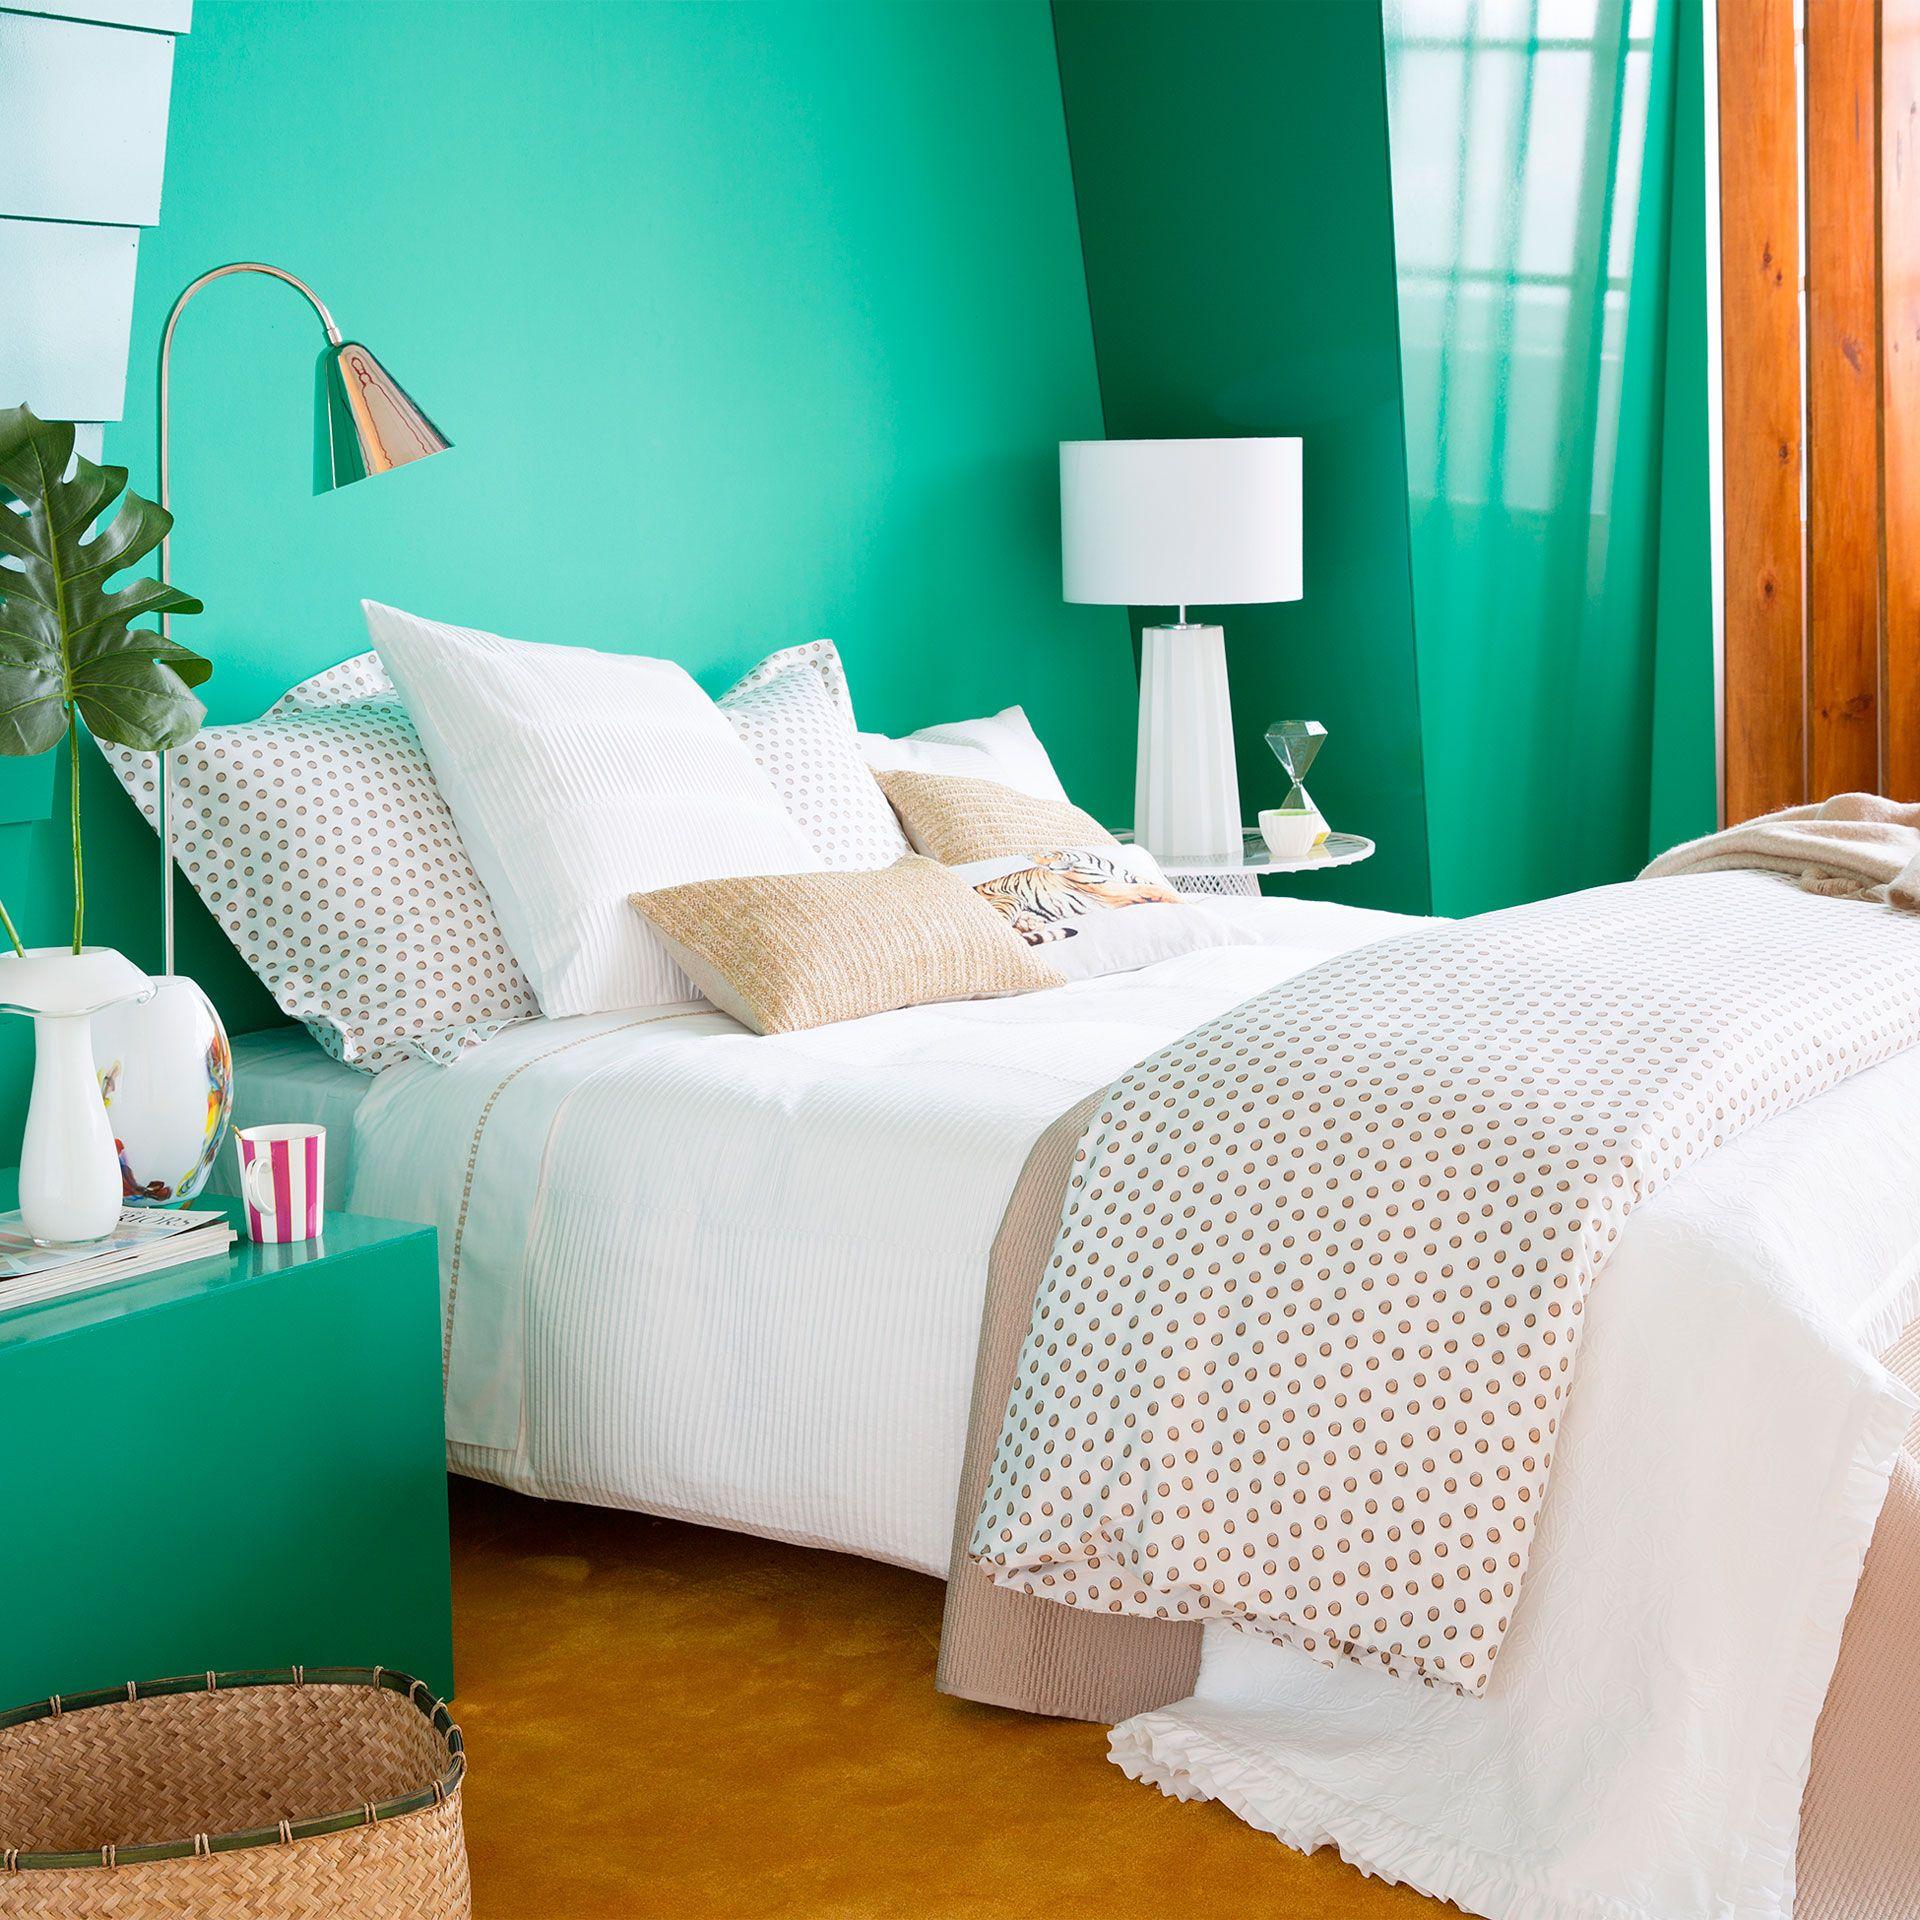 La nueva colecci n de ropa de cama zara home para - Cojines cama zara home ...